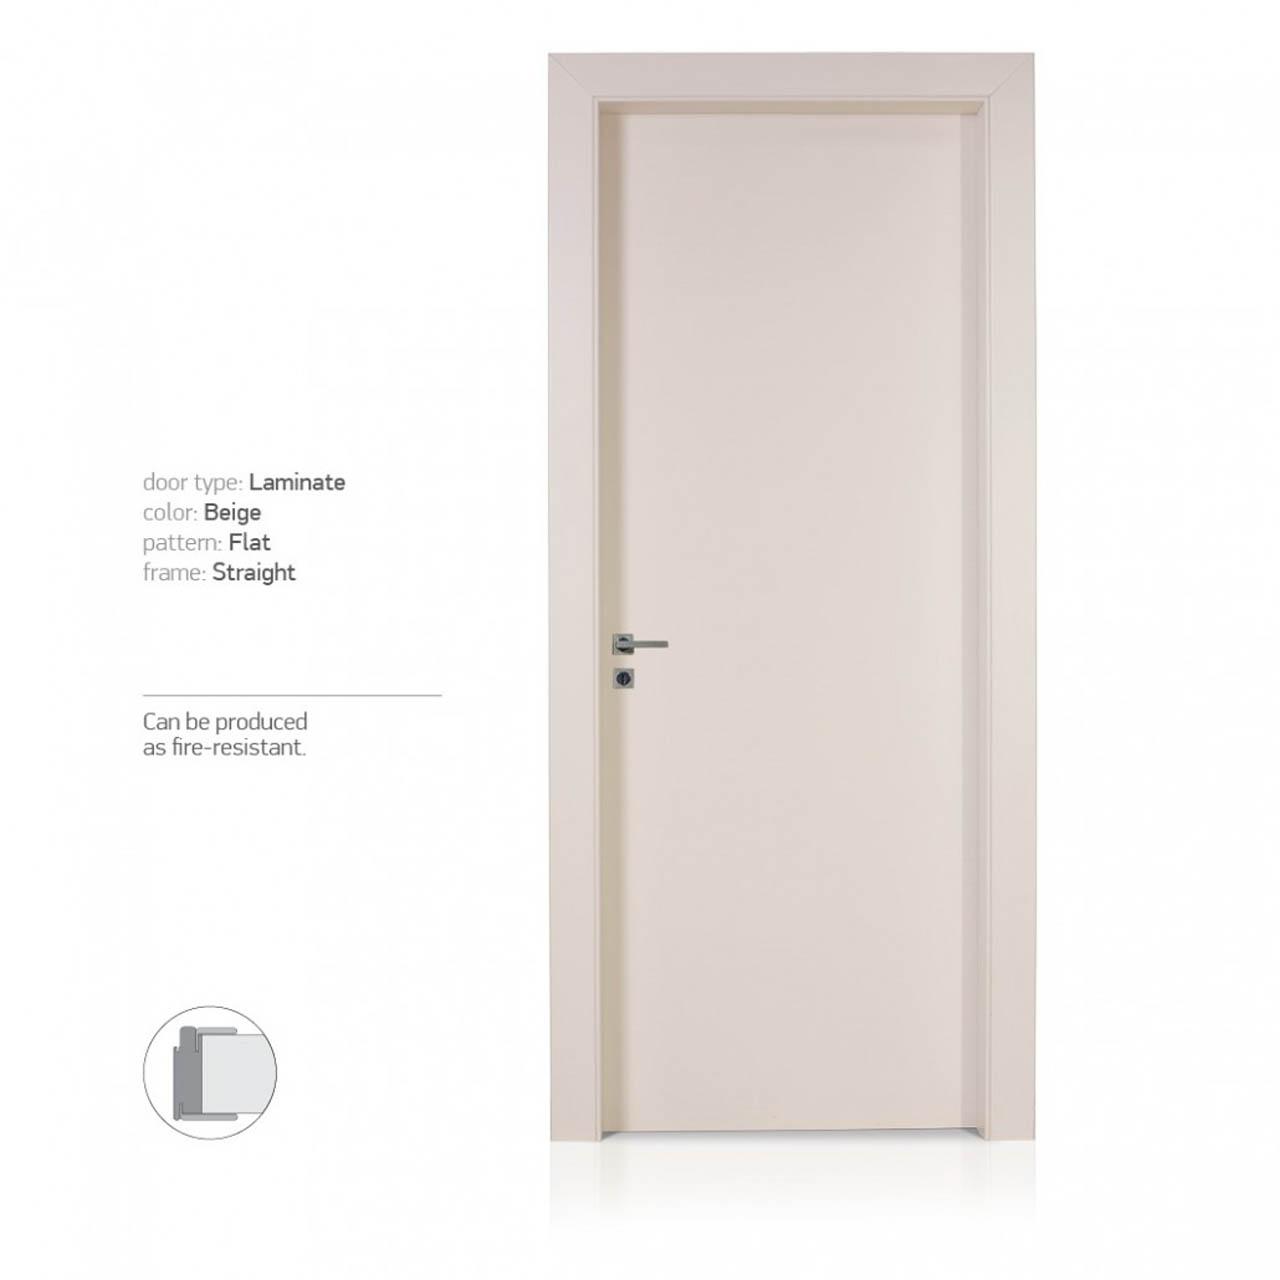 portes-site-laminate-eng-1030x1030